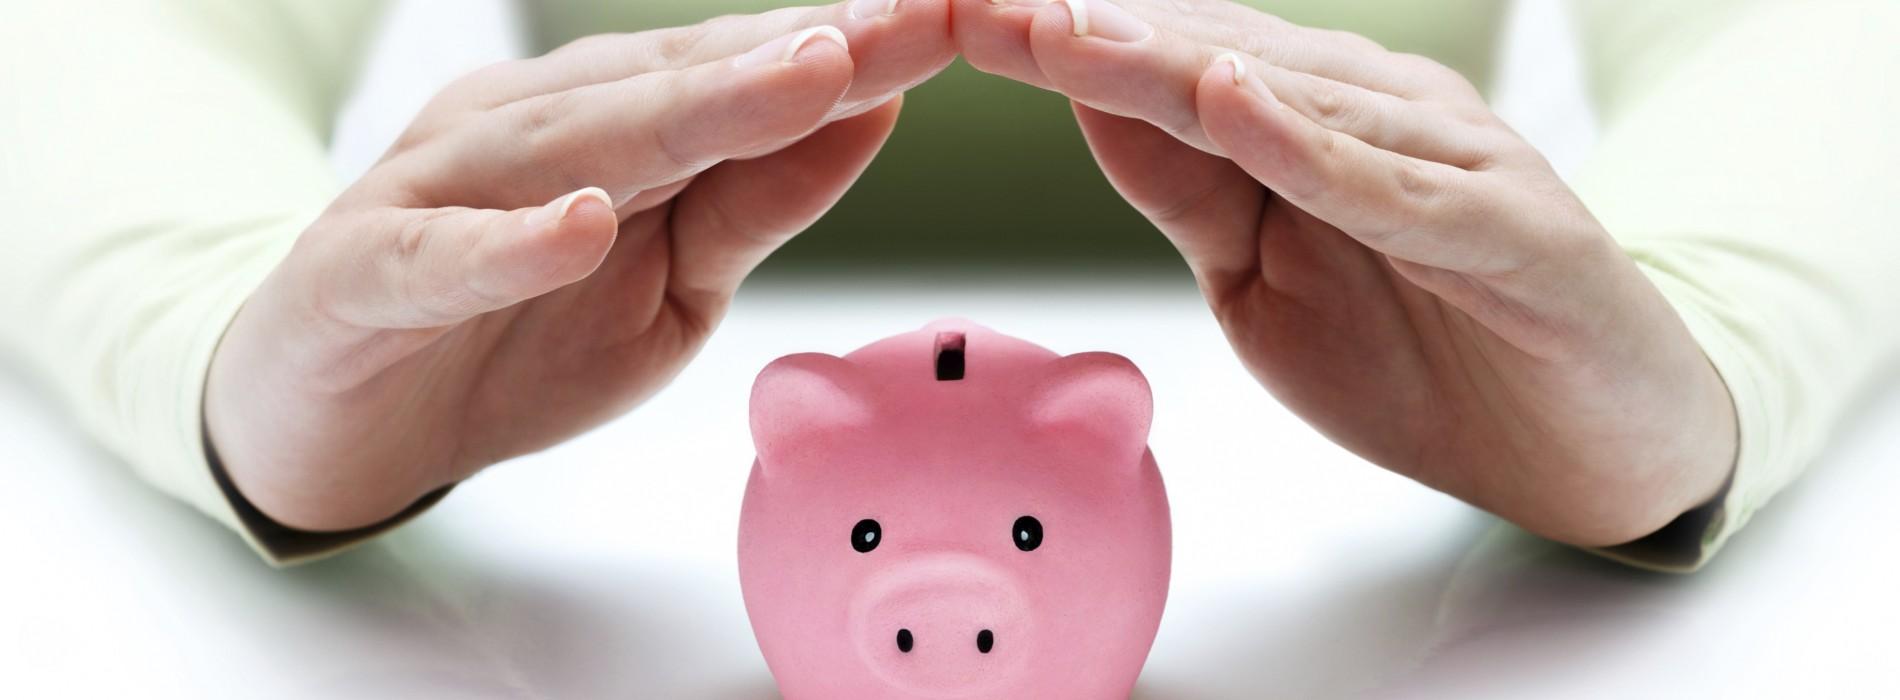 Jak bezpiecznie brać szybkie pożyczki od ręki?